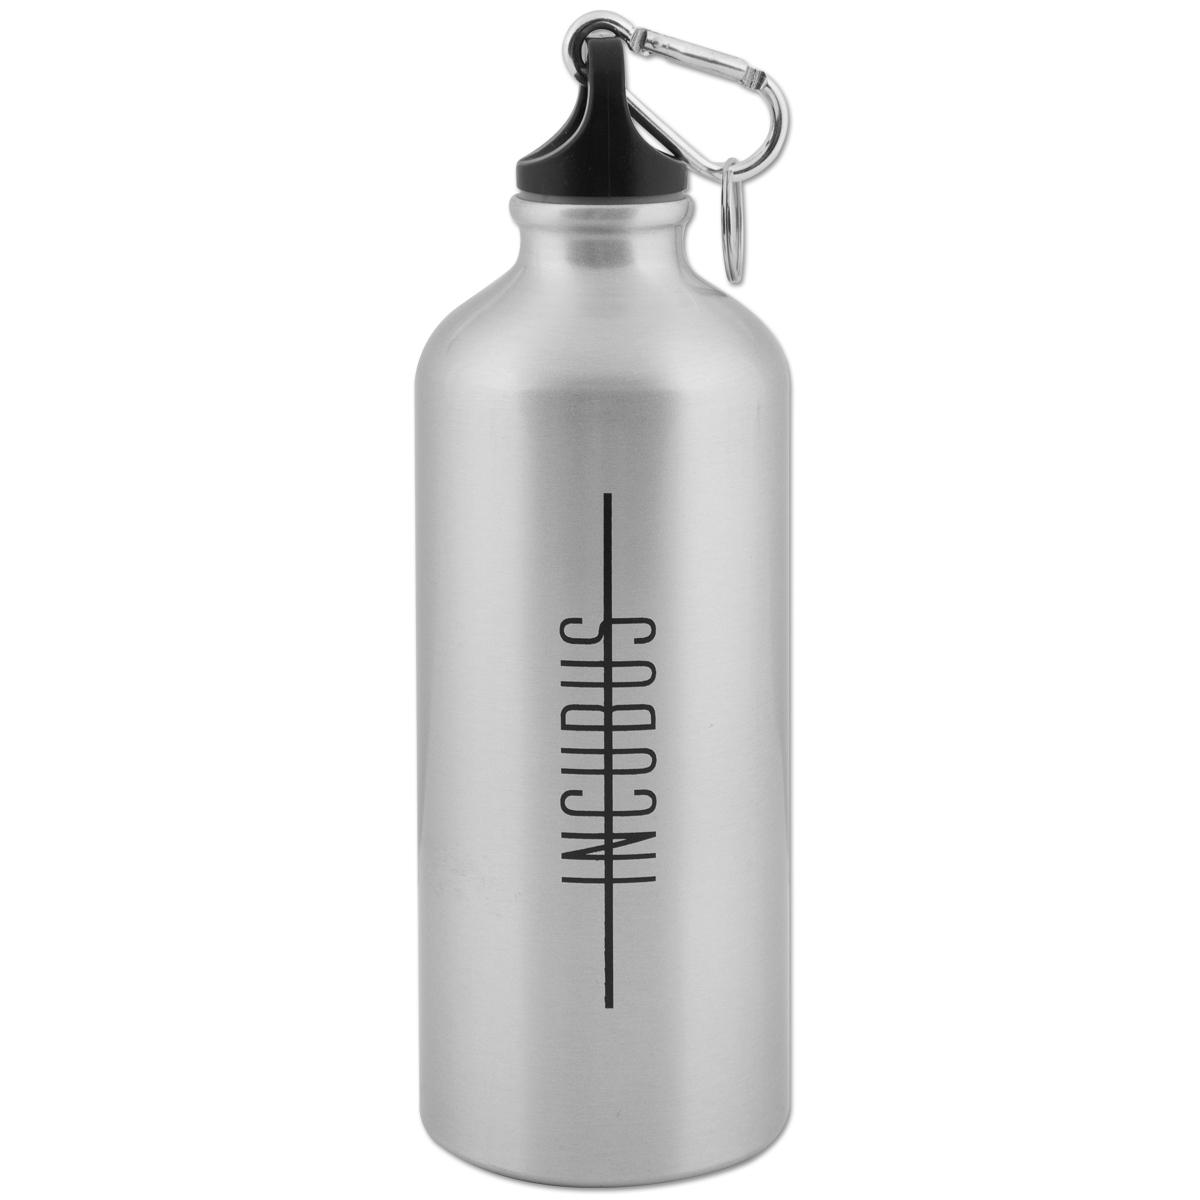 Incubus Horizon Metal Water Bottle